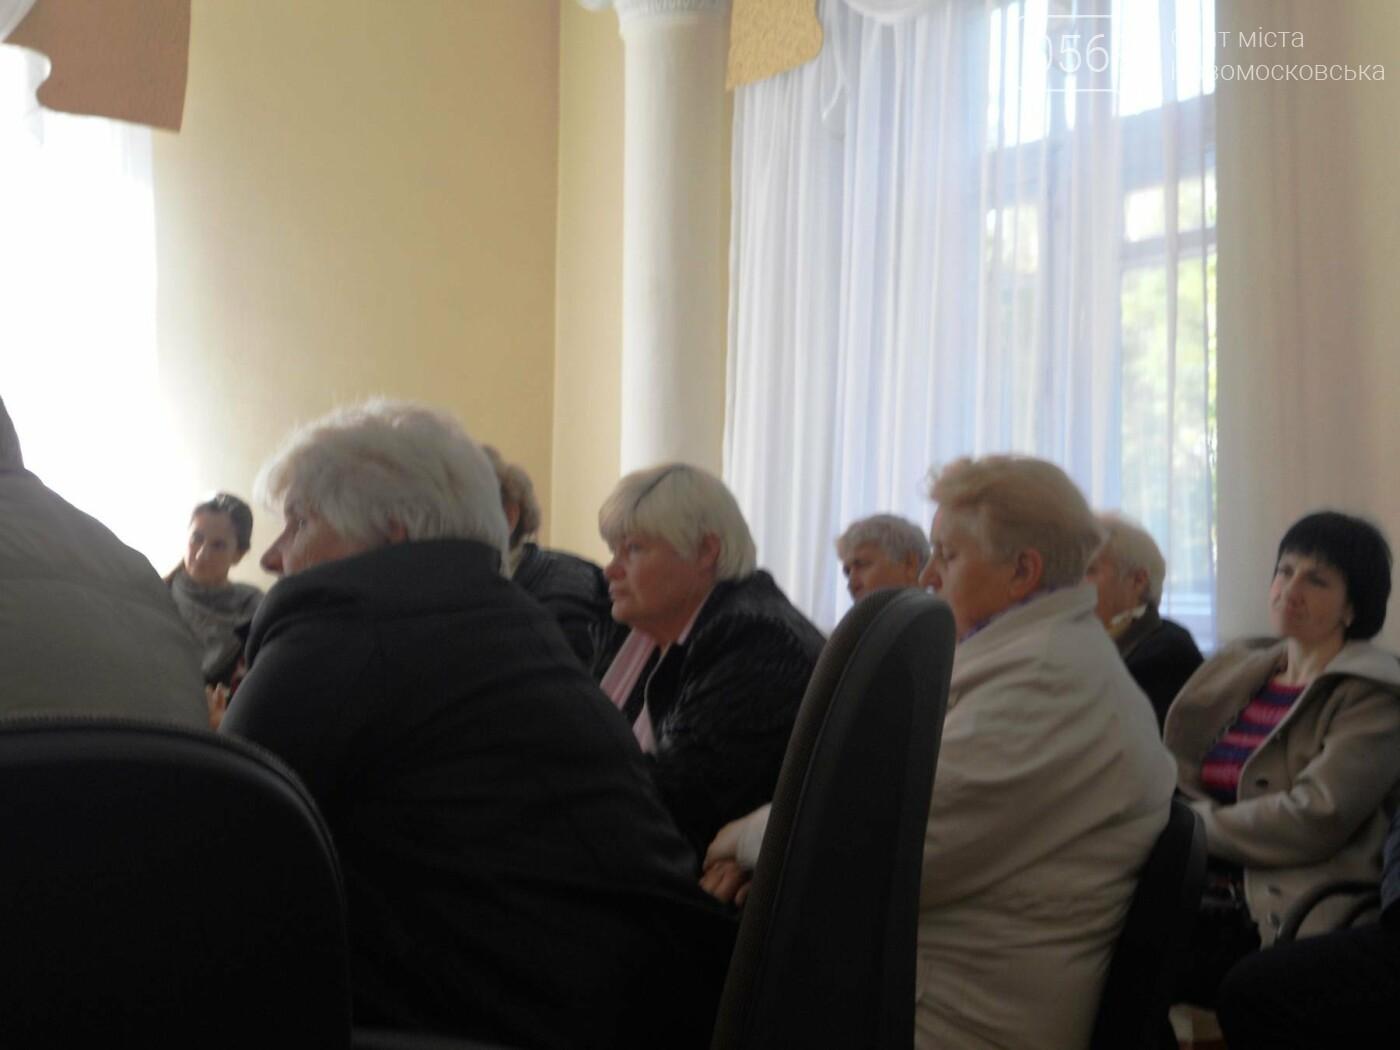 В Новомосковске состоялся круглый стол по вопросу объединения громад, фото-1